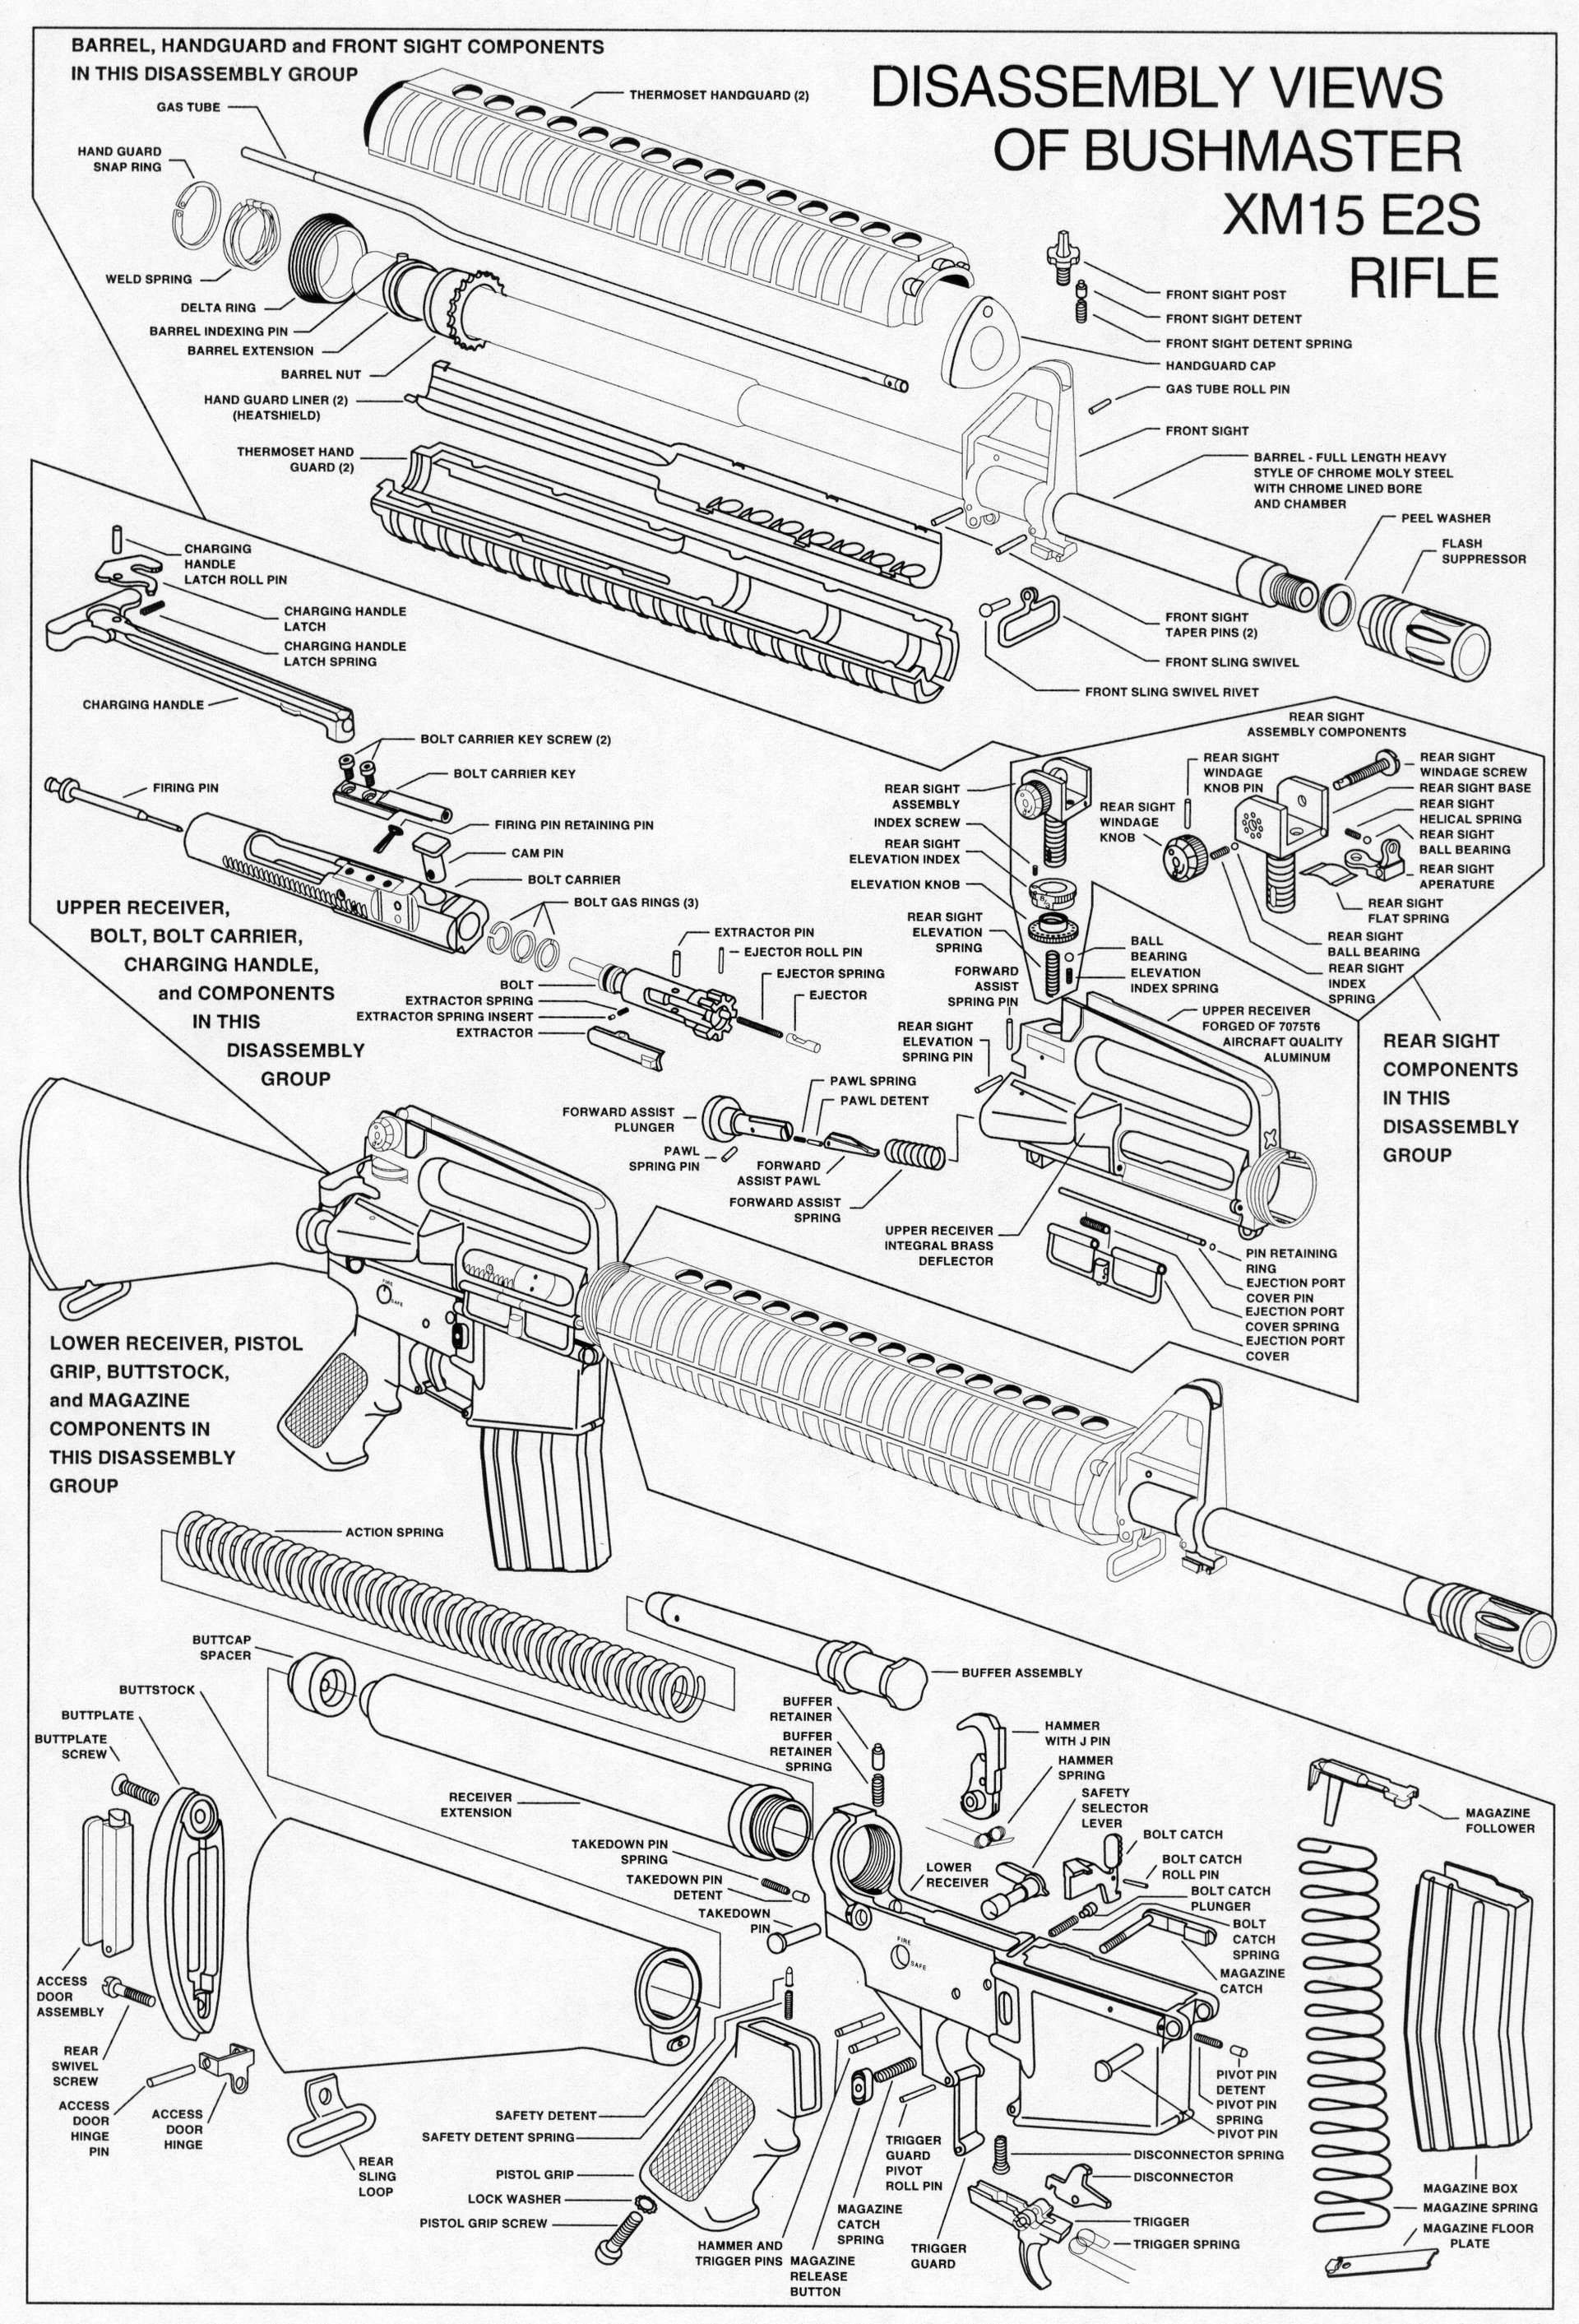 medium resolution of diagram of ar 15 wiring diagram repair guidesar 15 diagram for students wiring diagram new